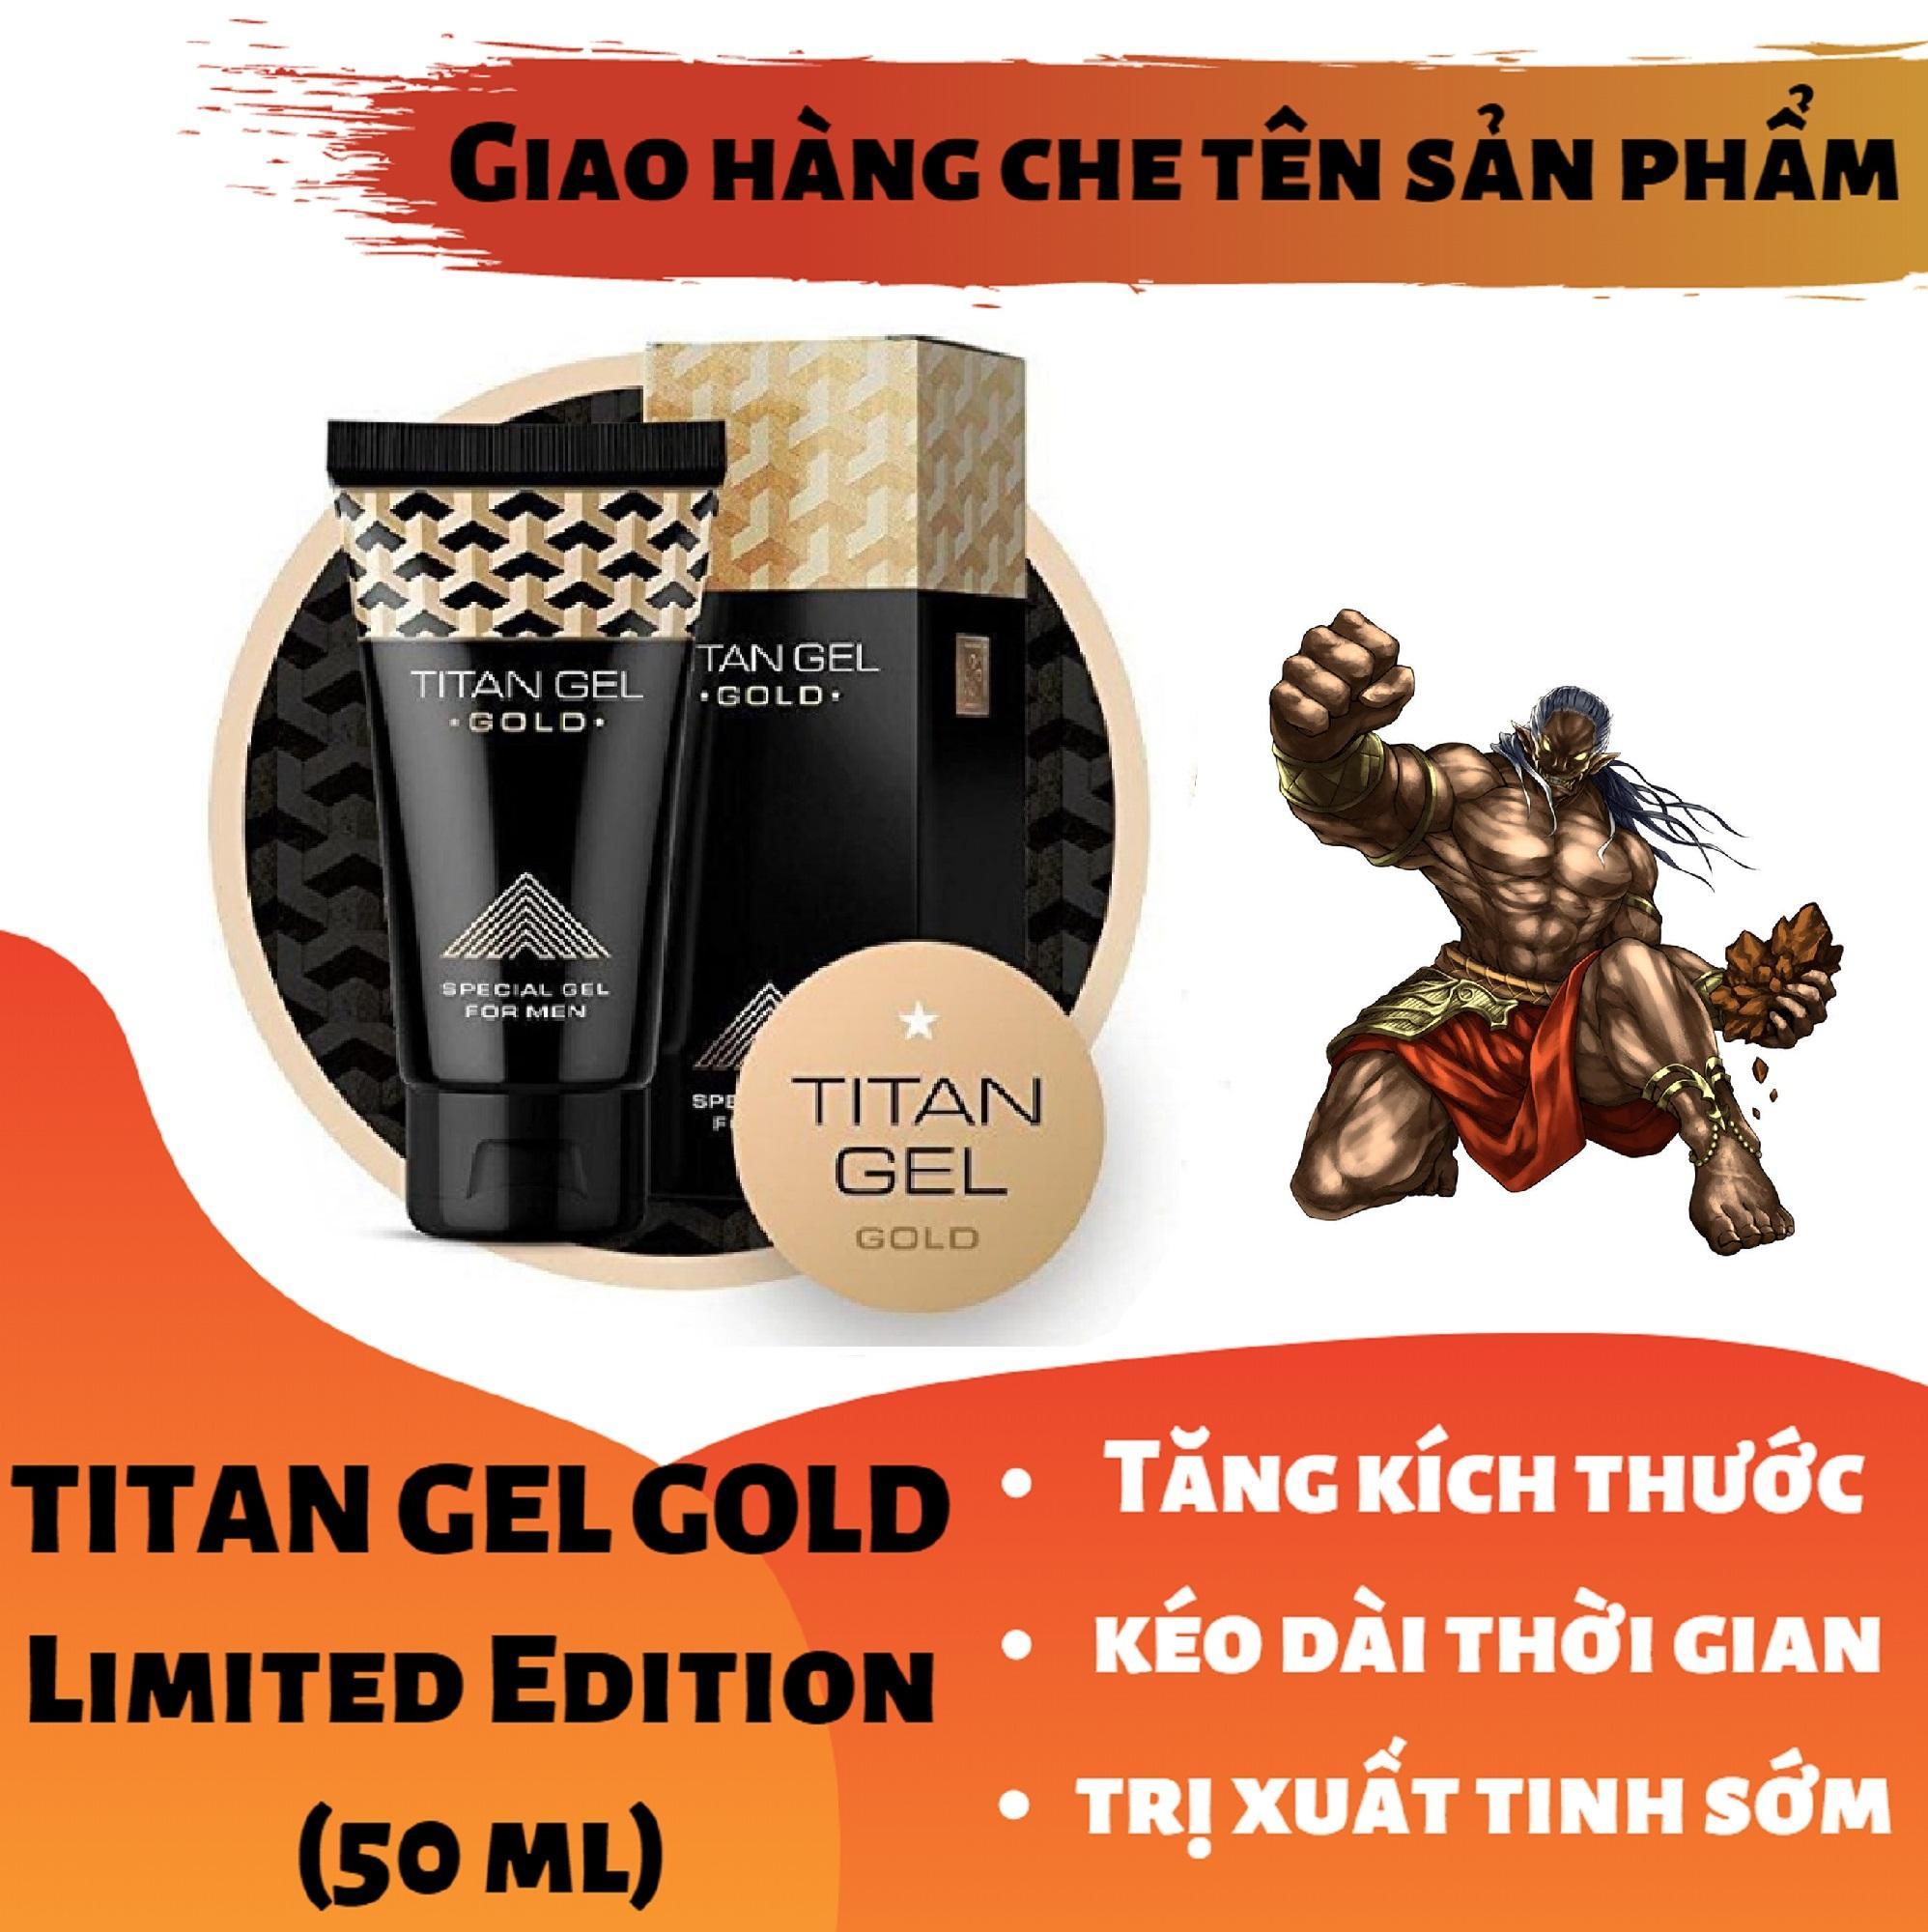 Titan-Gel-Nga GOLD cao cấp phiên bản giới hạn - Gel dành cho nam - hàng chuẩn Nga tăng kích thước cho cậu bé ( Che tên khi nhận hàng ) chính hãng